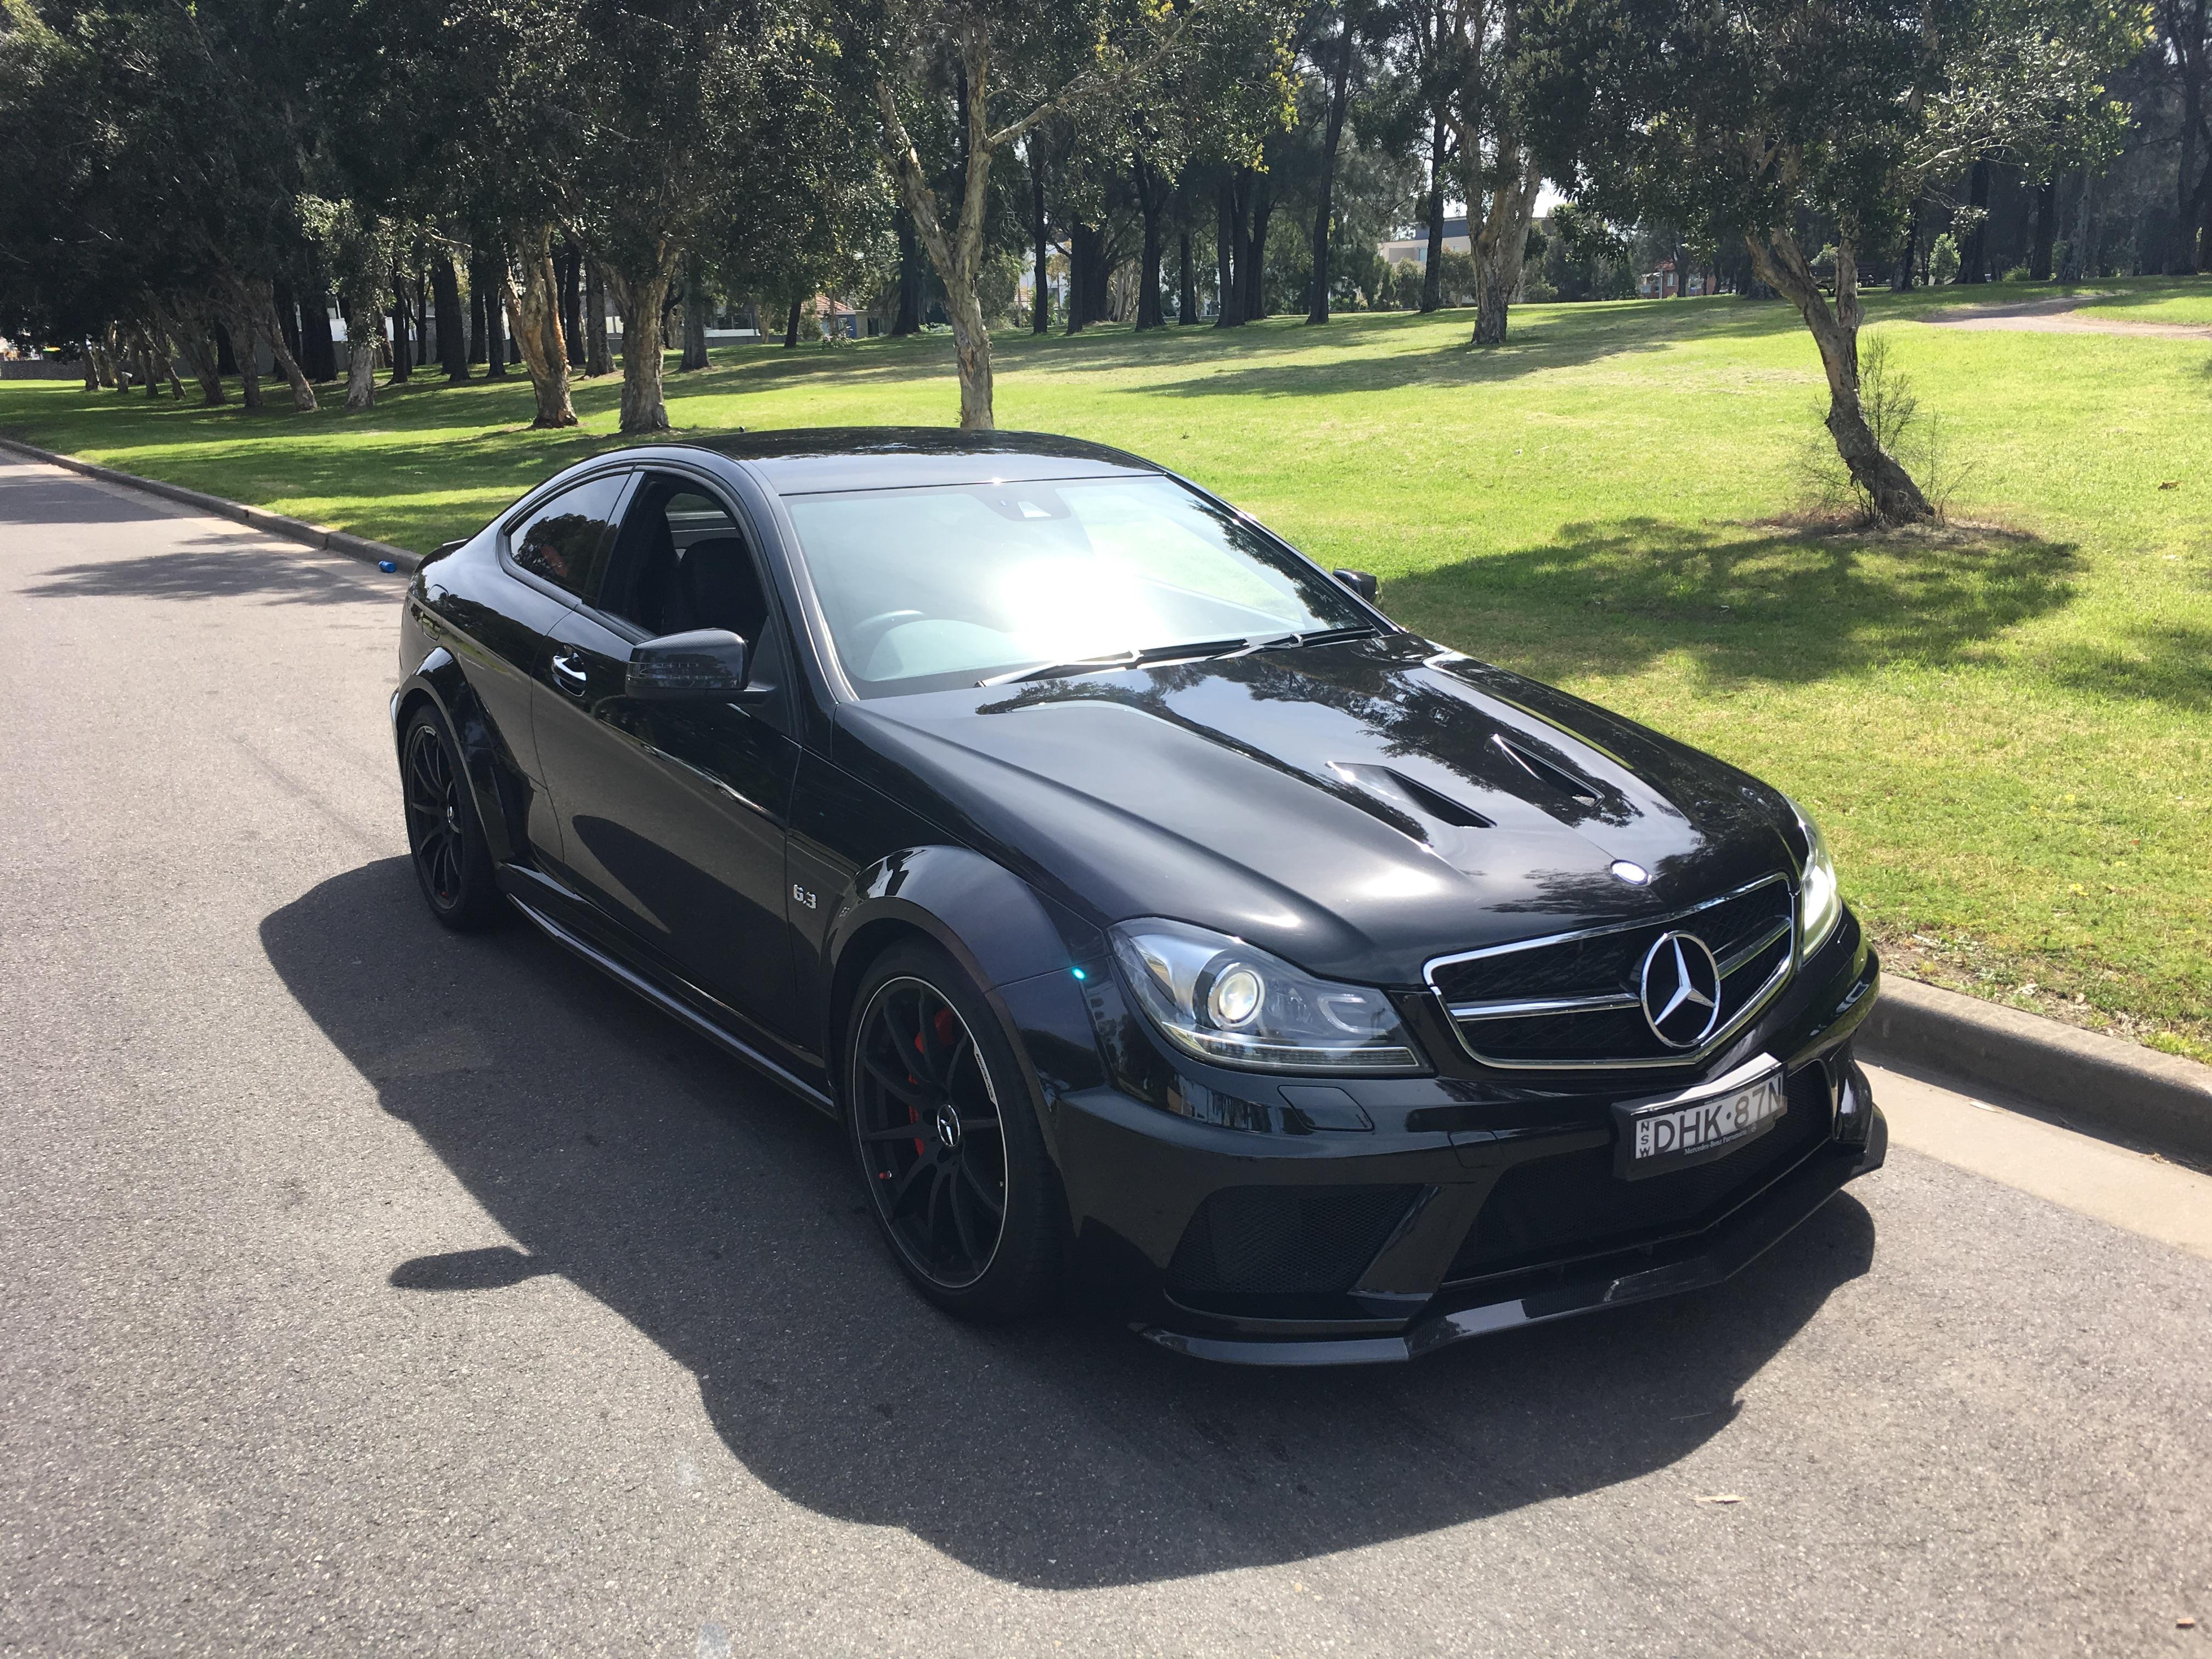 2016 10 10 1476135895 5908894 img_9301jpg - Mercedes Amg C63 Black Series